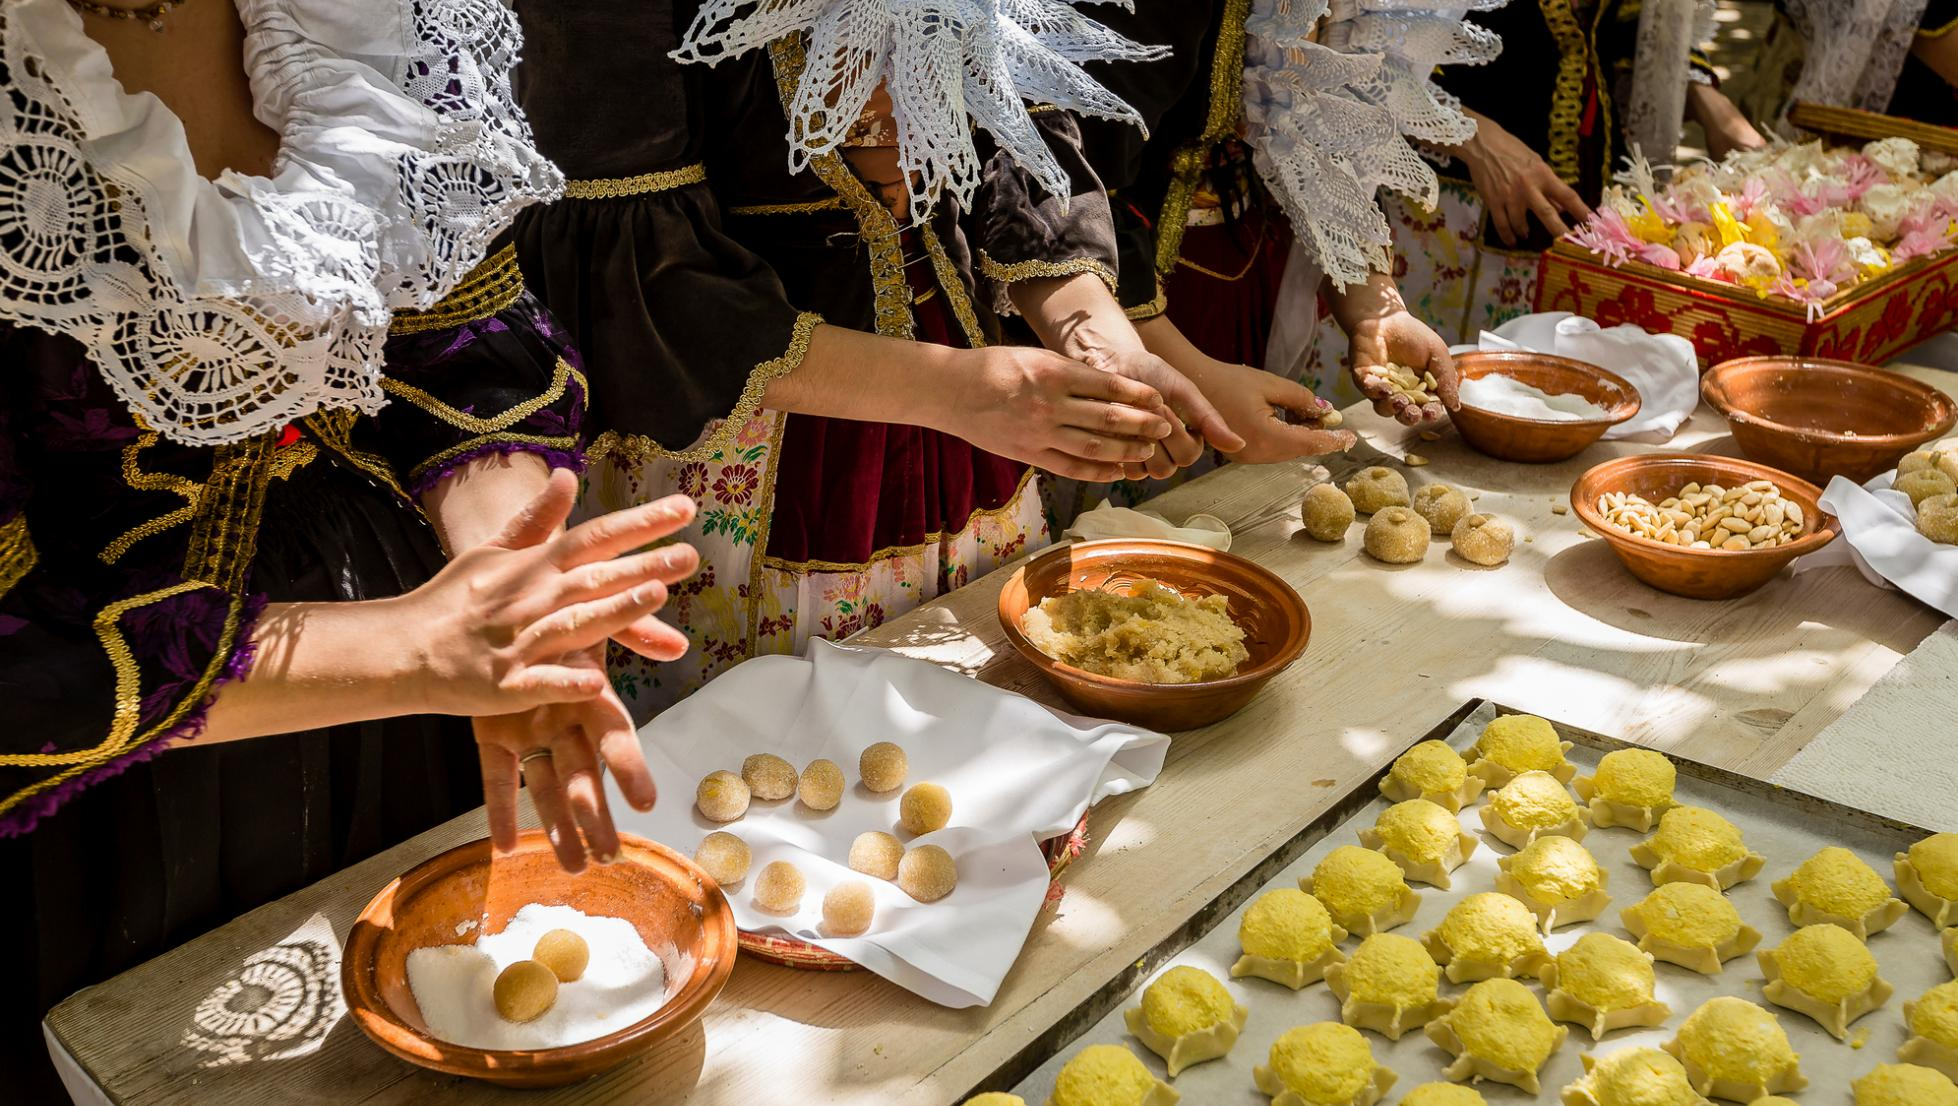 Lavorazione dolci tipici - Maracalagonis